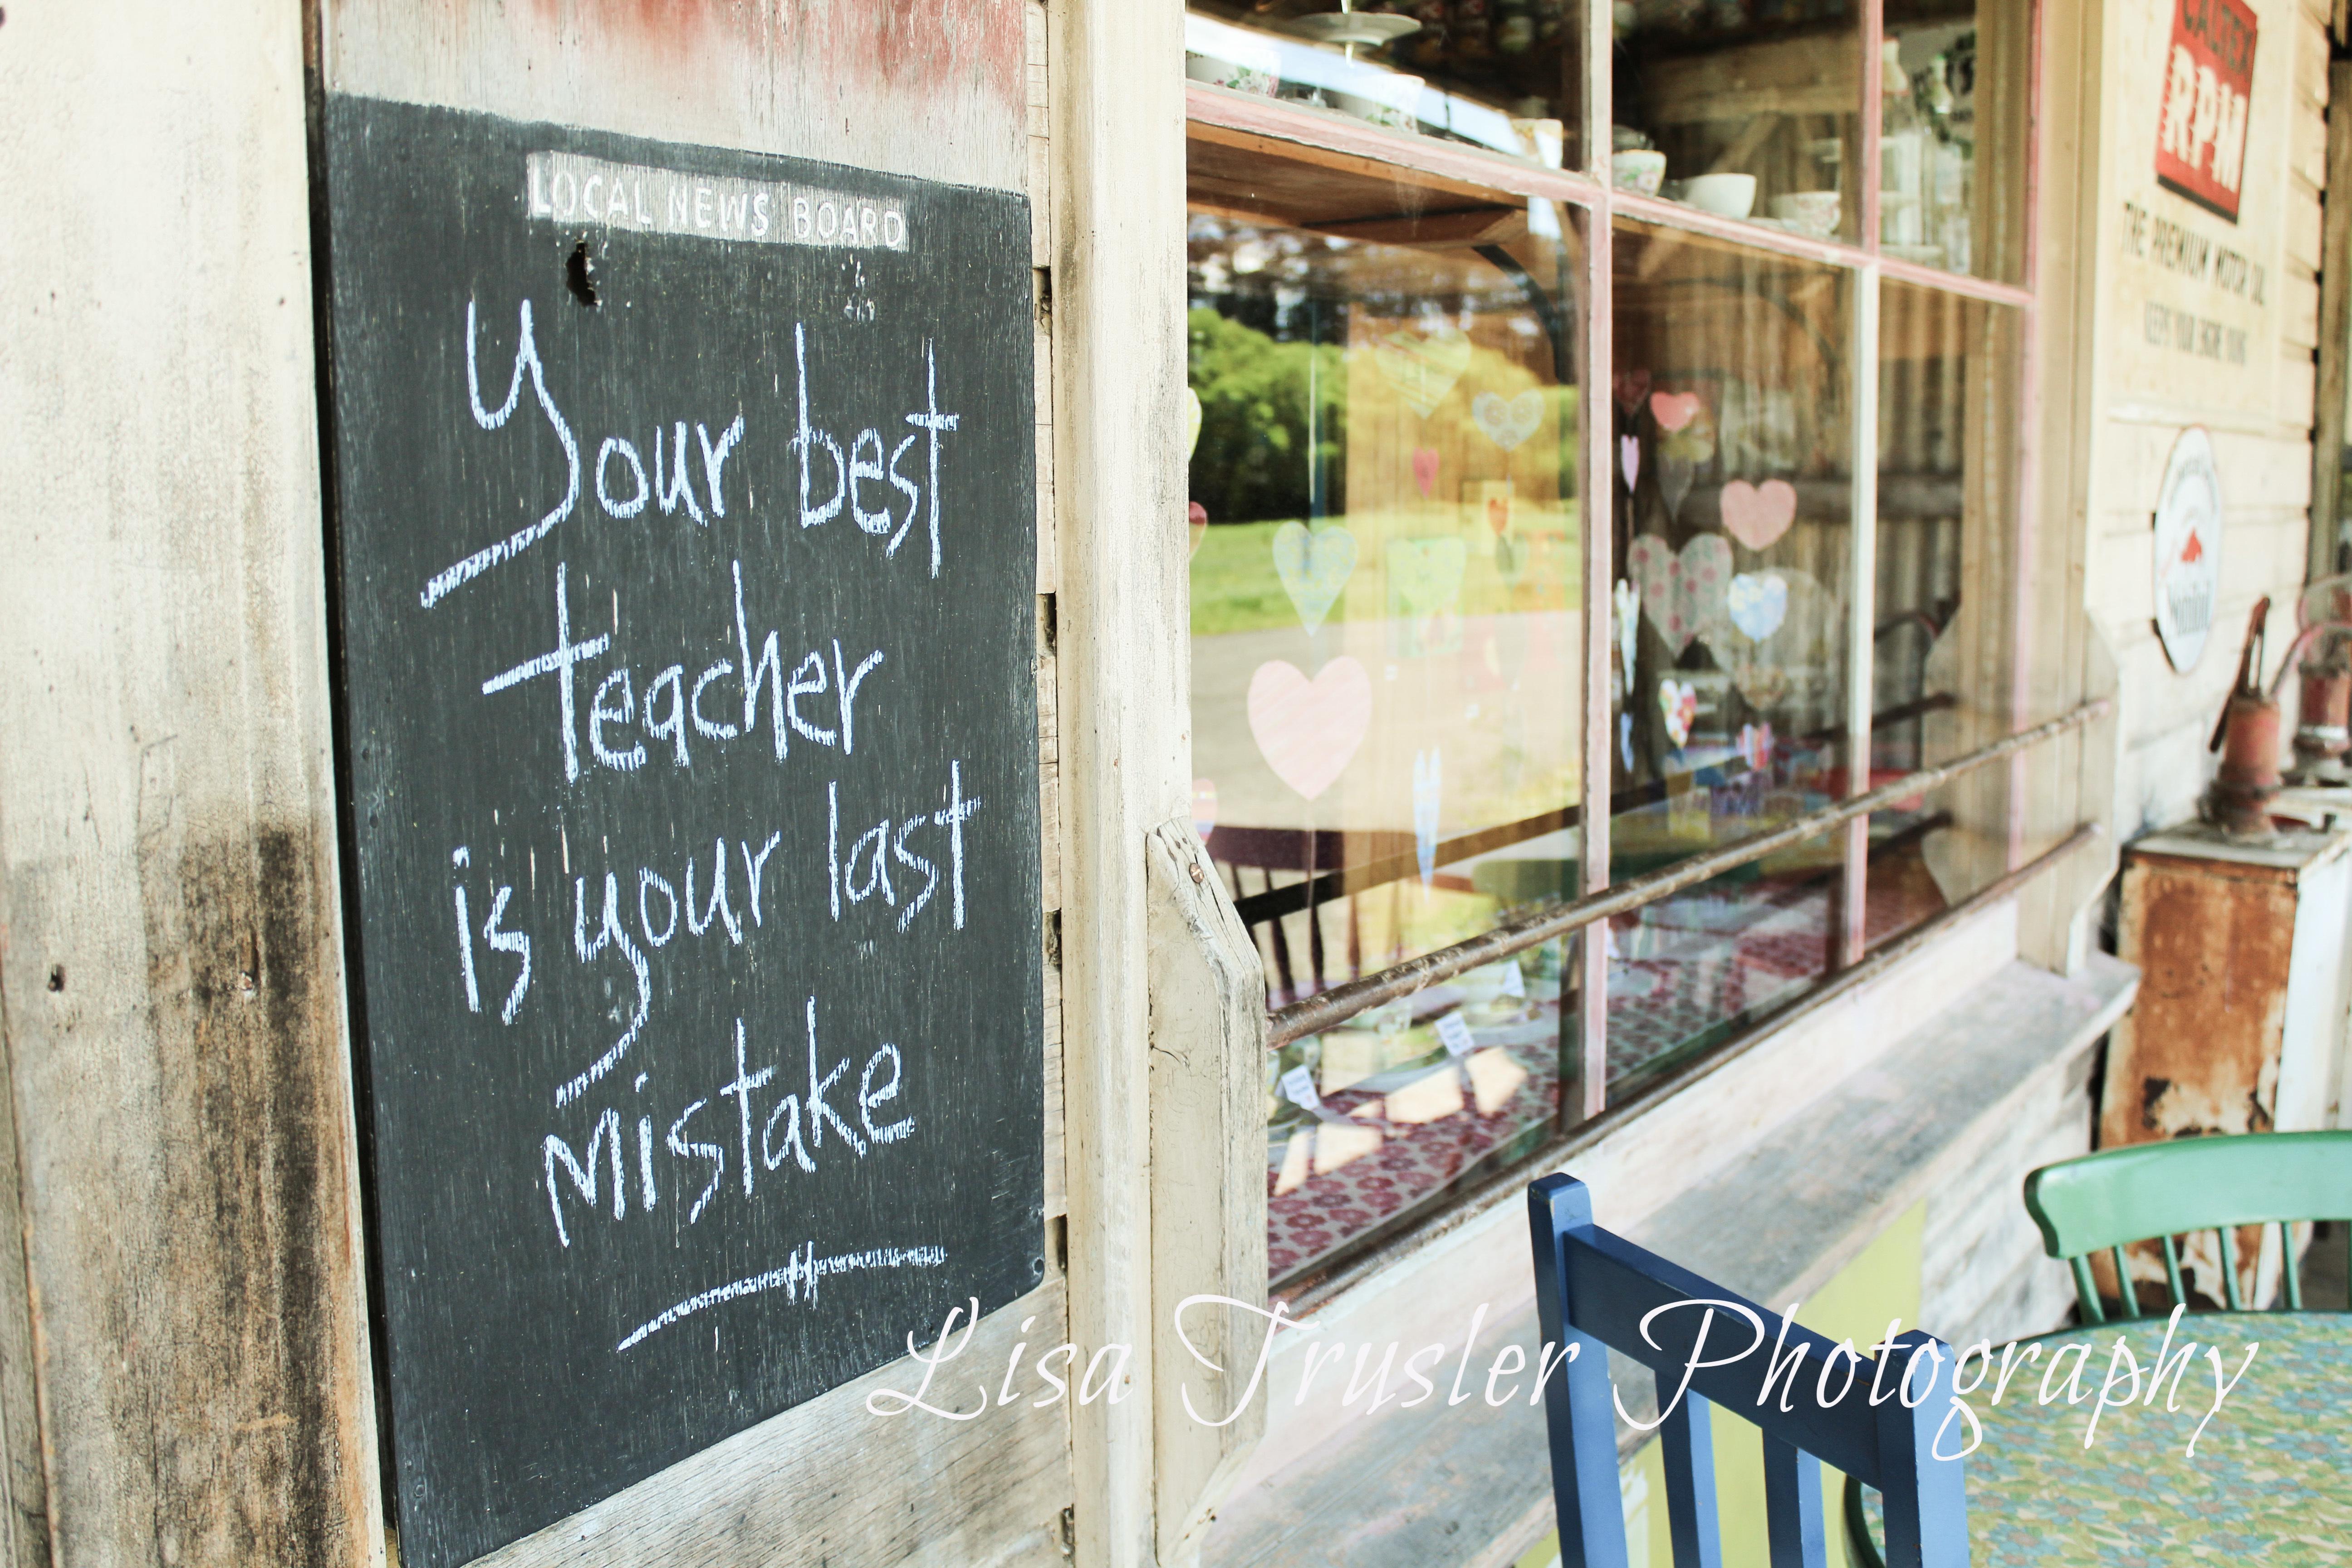 'Best teacher'